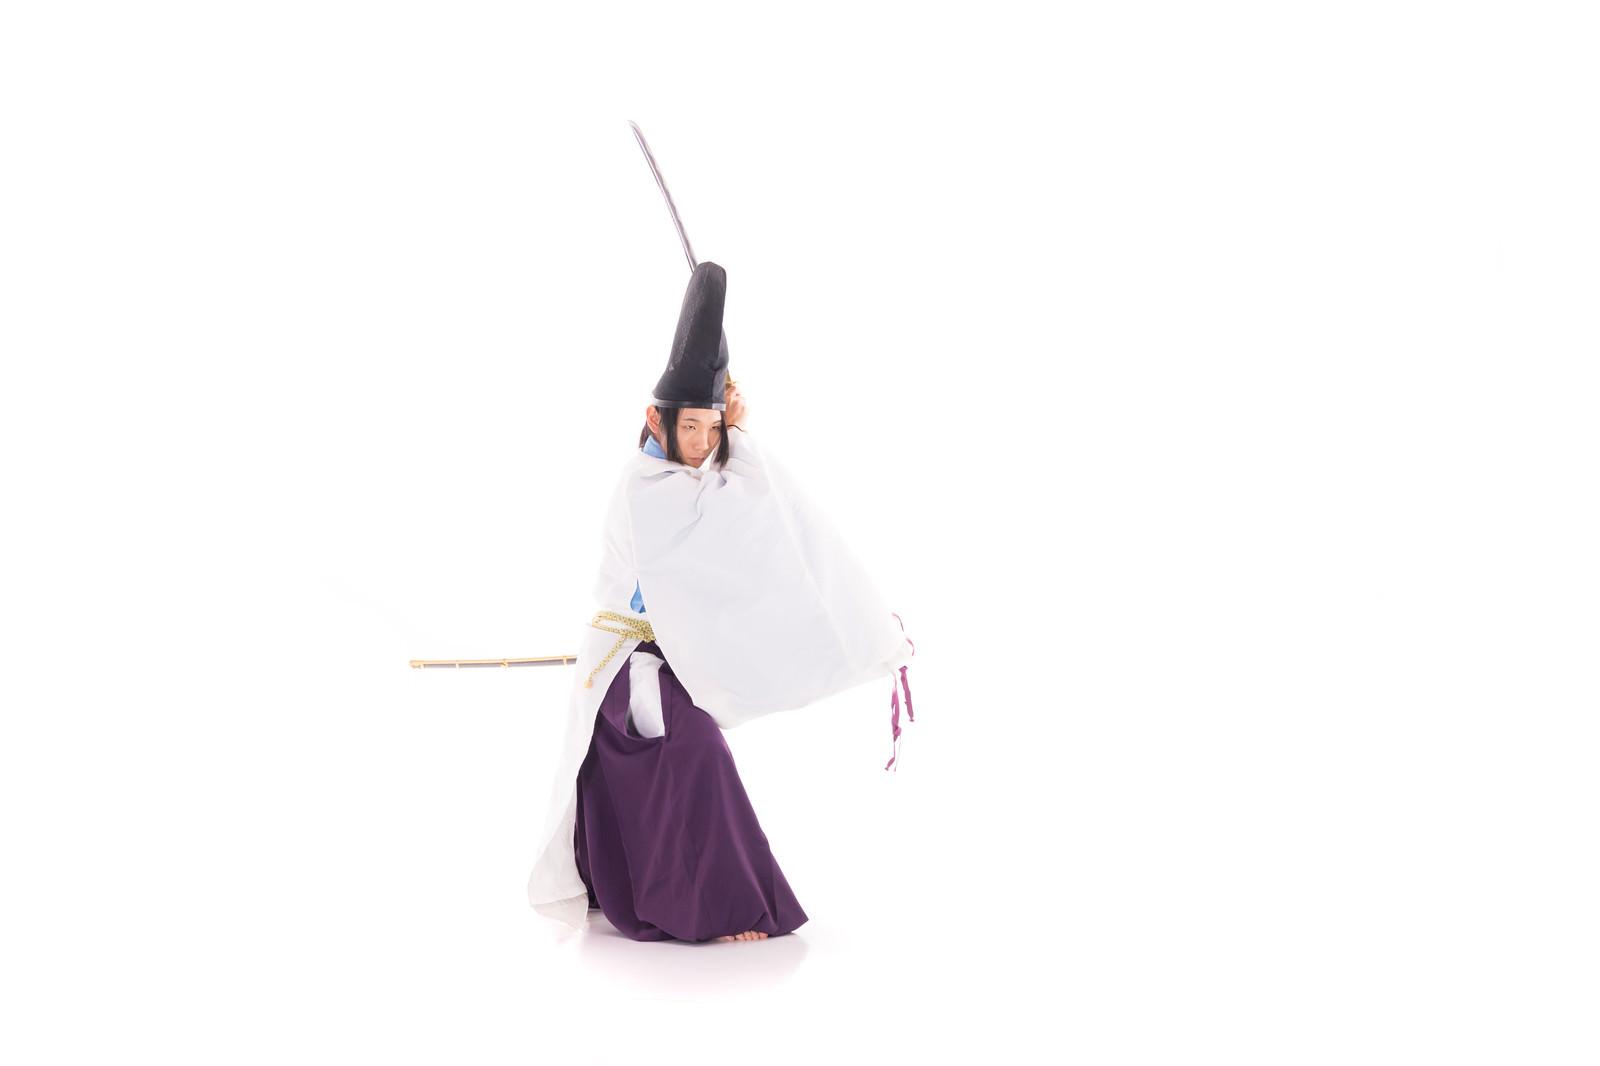 「刀を構える陰陽師」の写真[モデル:まーこ]